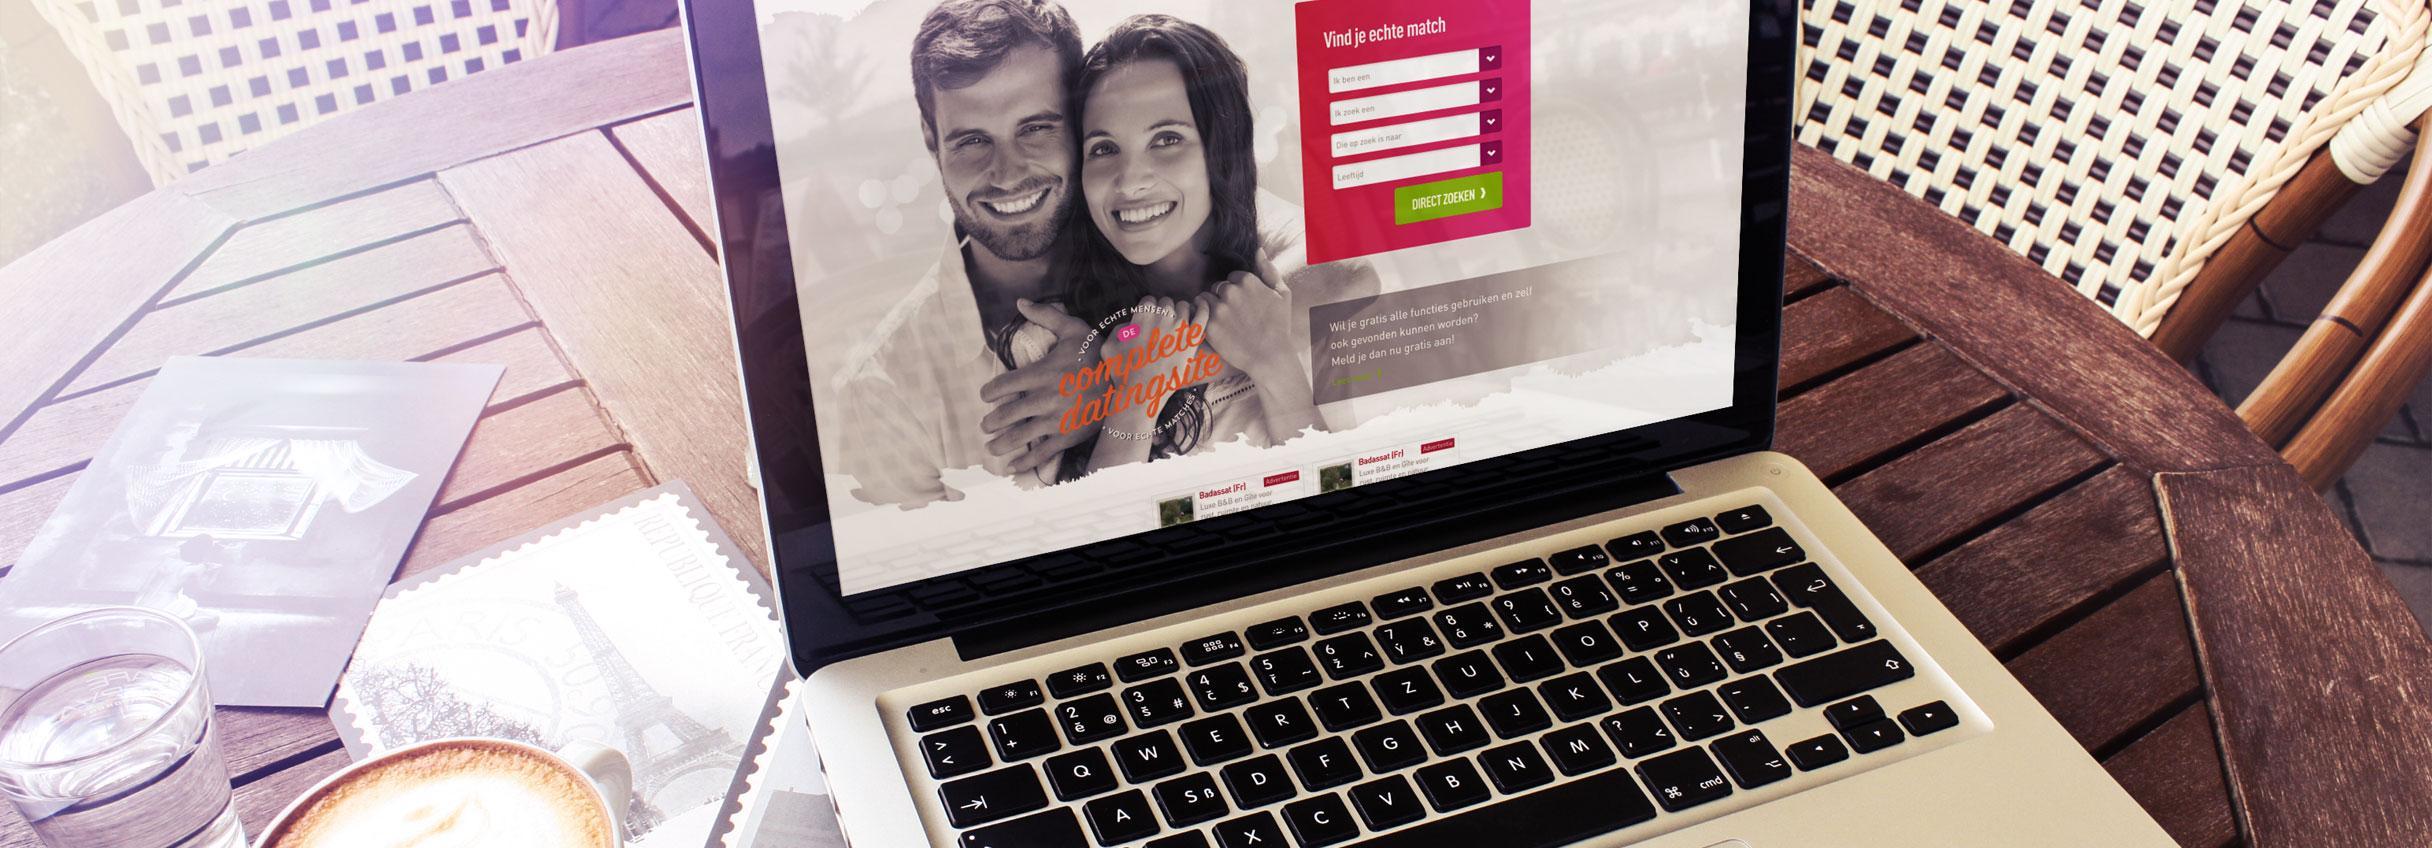 ben op zoek naar dating High Class matchmaking diensten